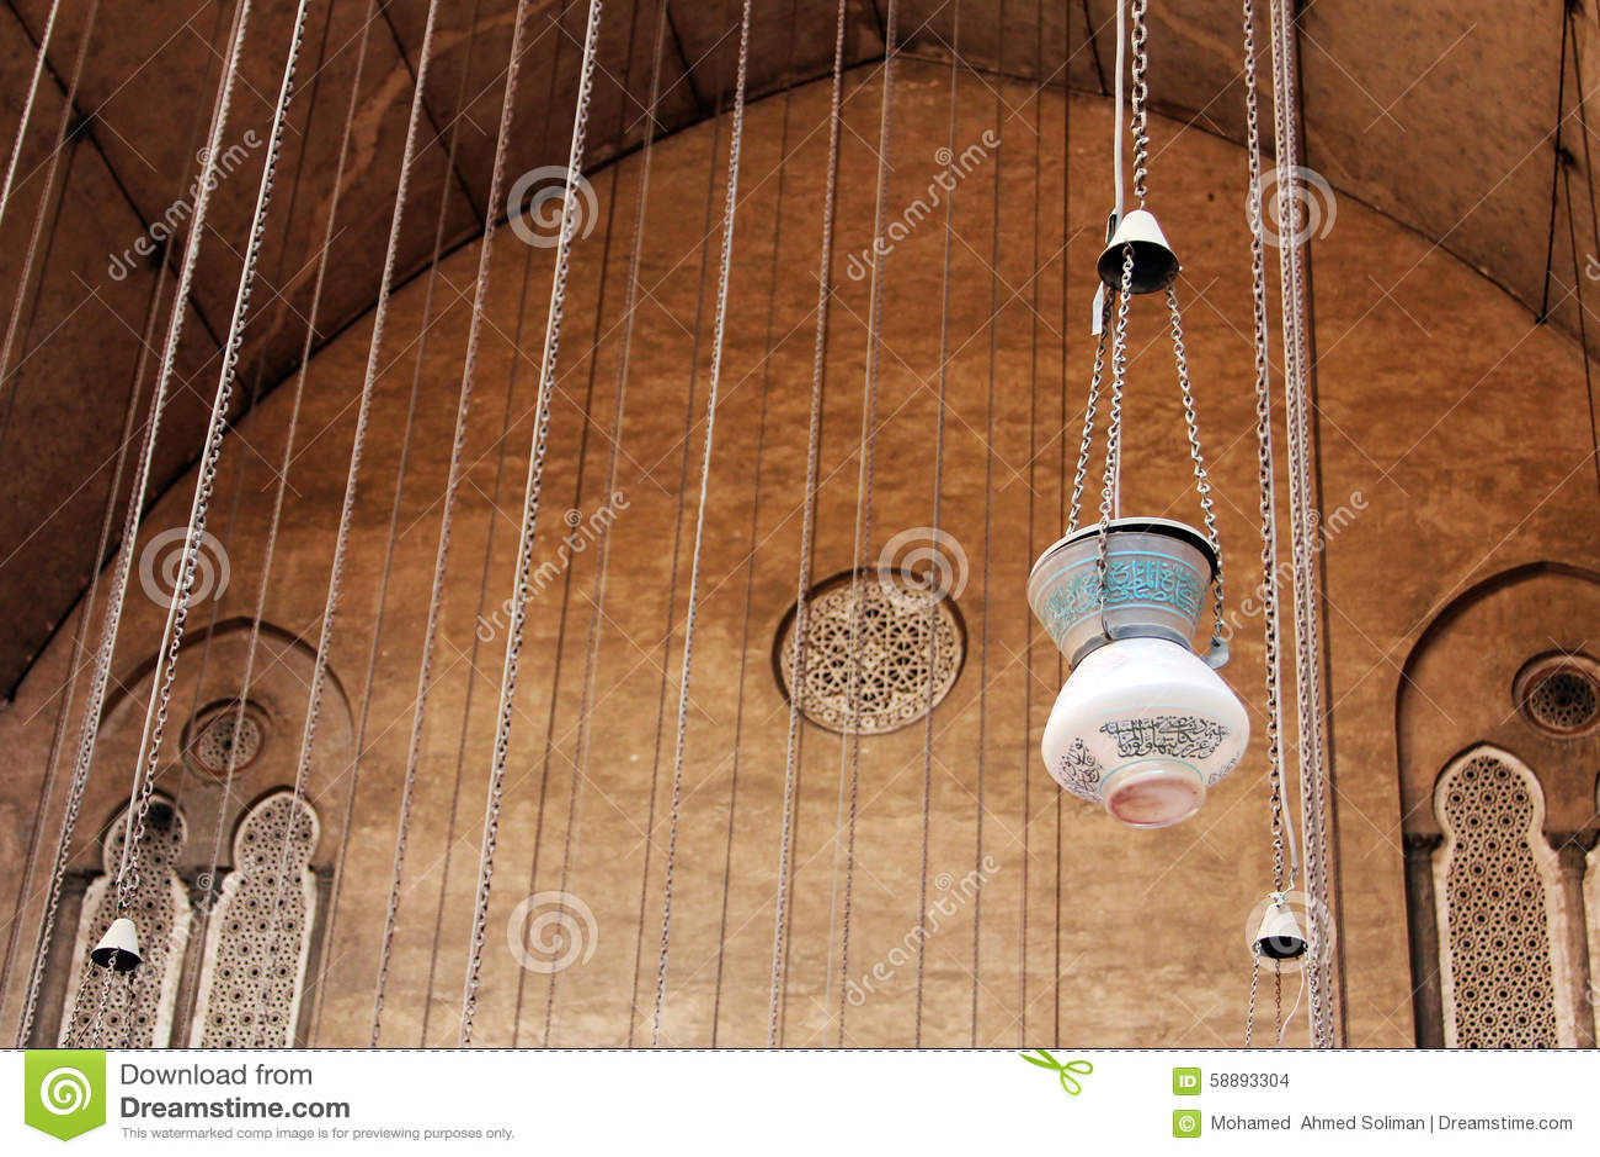 Islamische Laterne